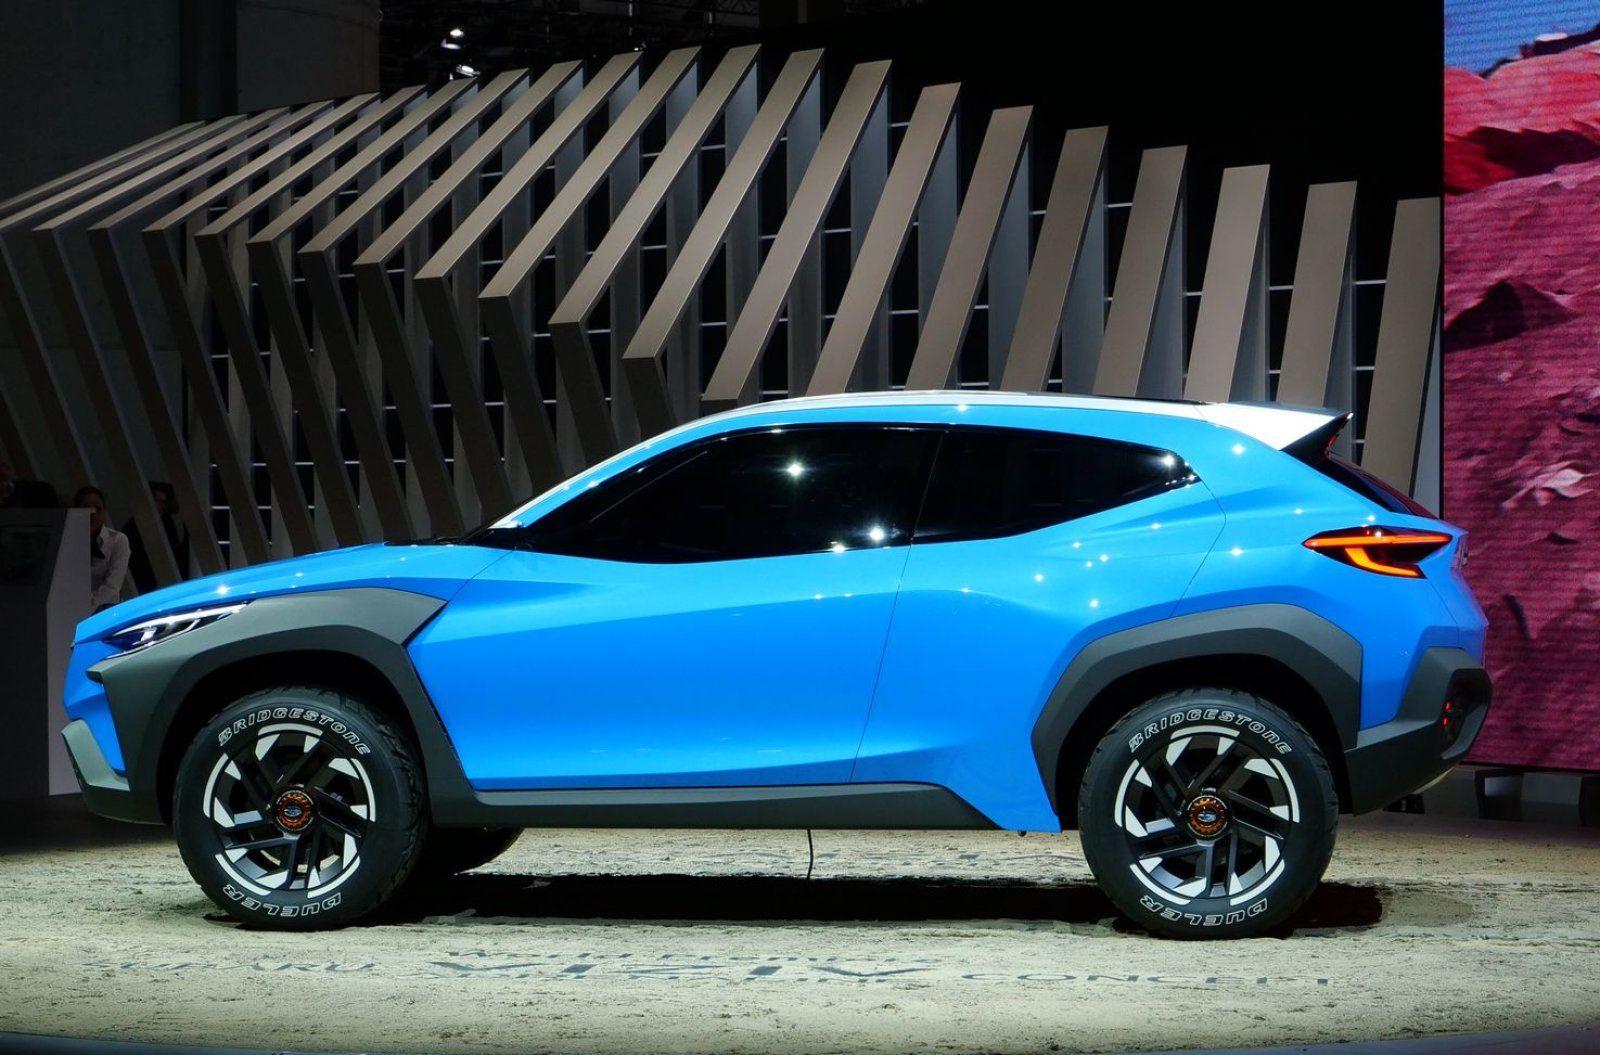 Subaru Unveils Its Outdoorsy Viziv Adrenaline Hybrid Concept Subaru Subaru Crosstrek Hybrid Crossover